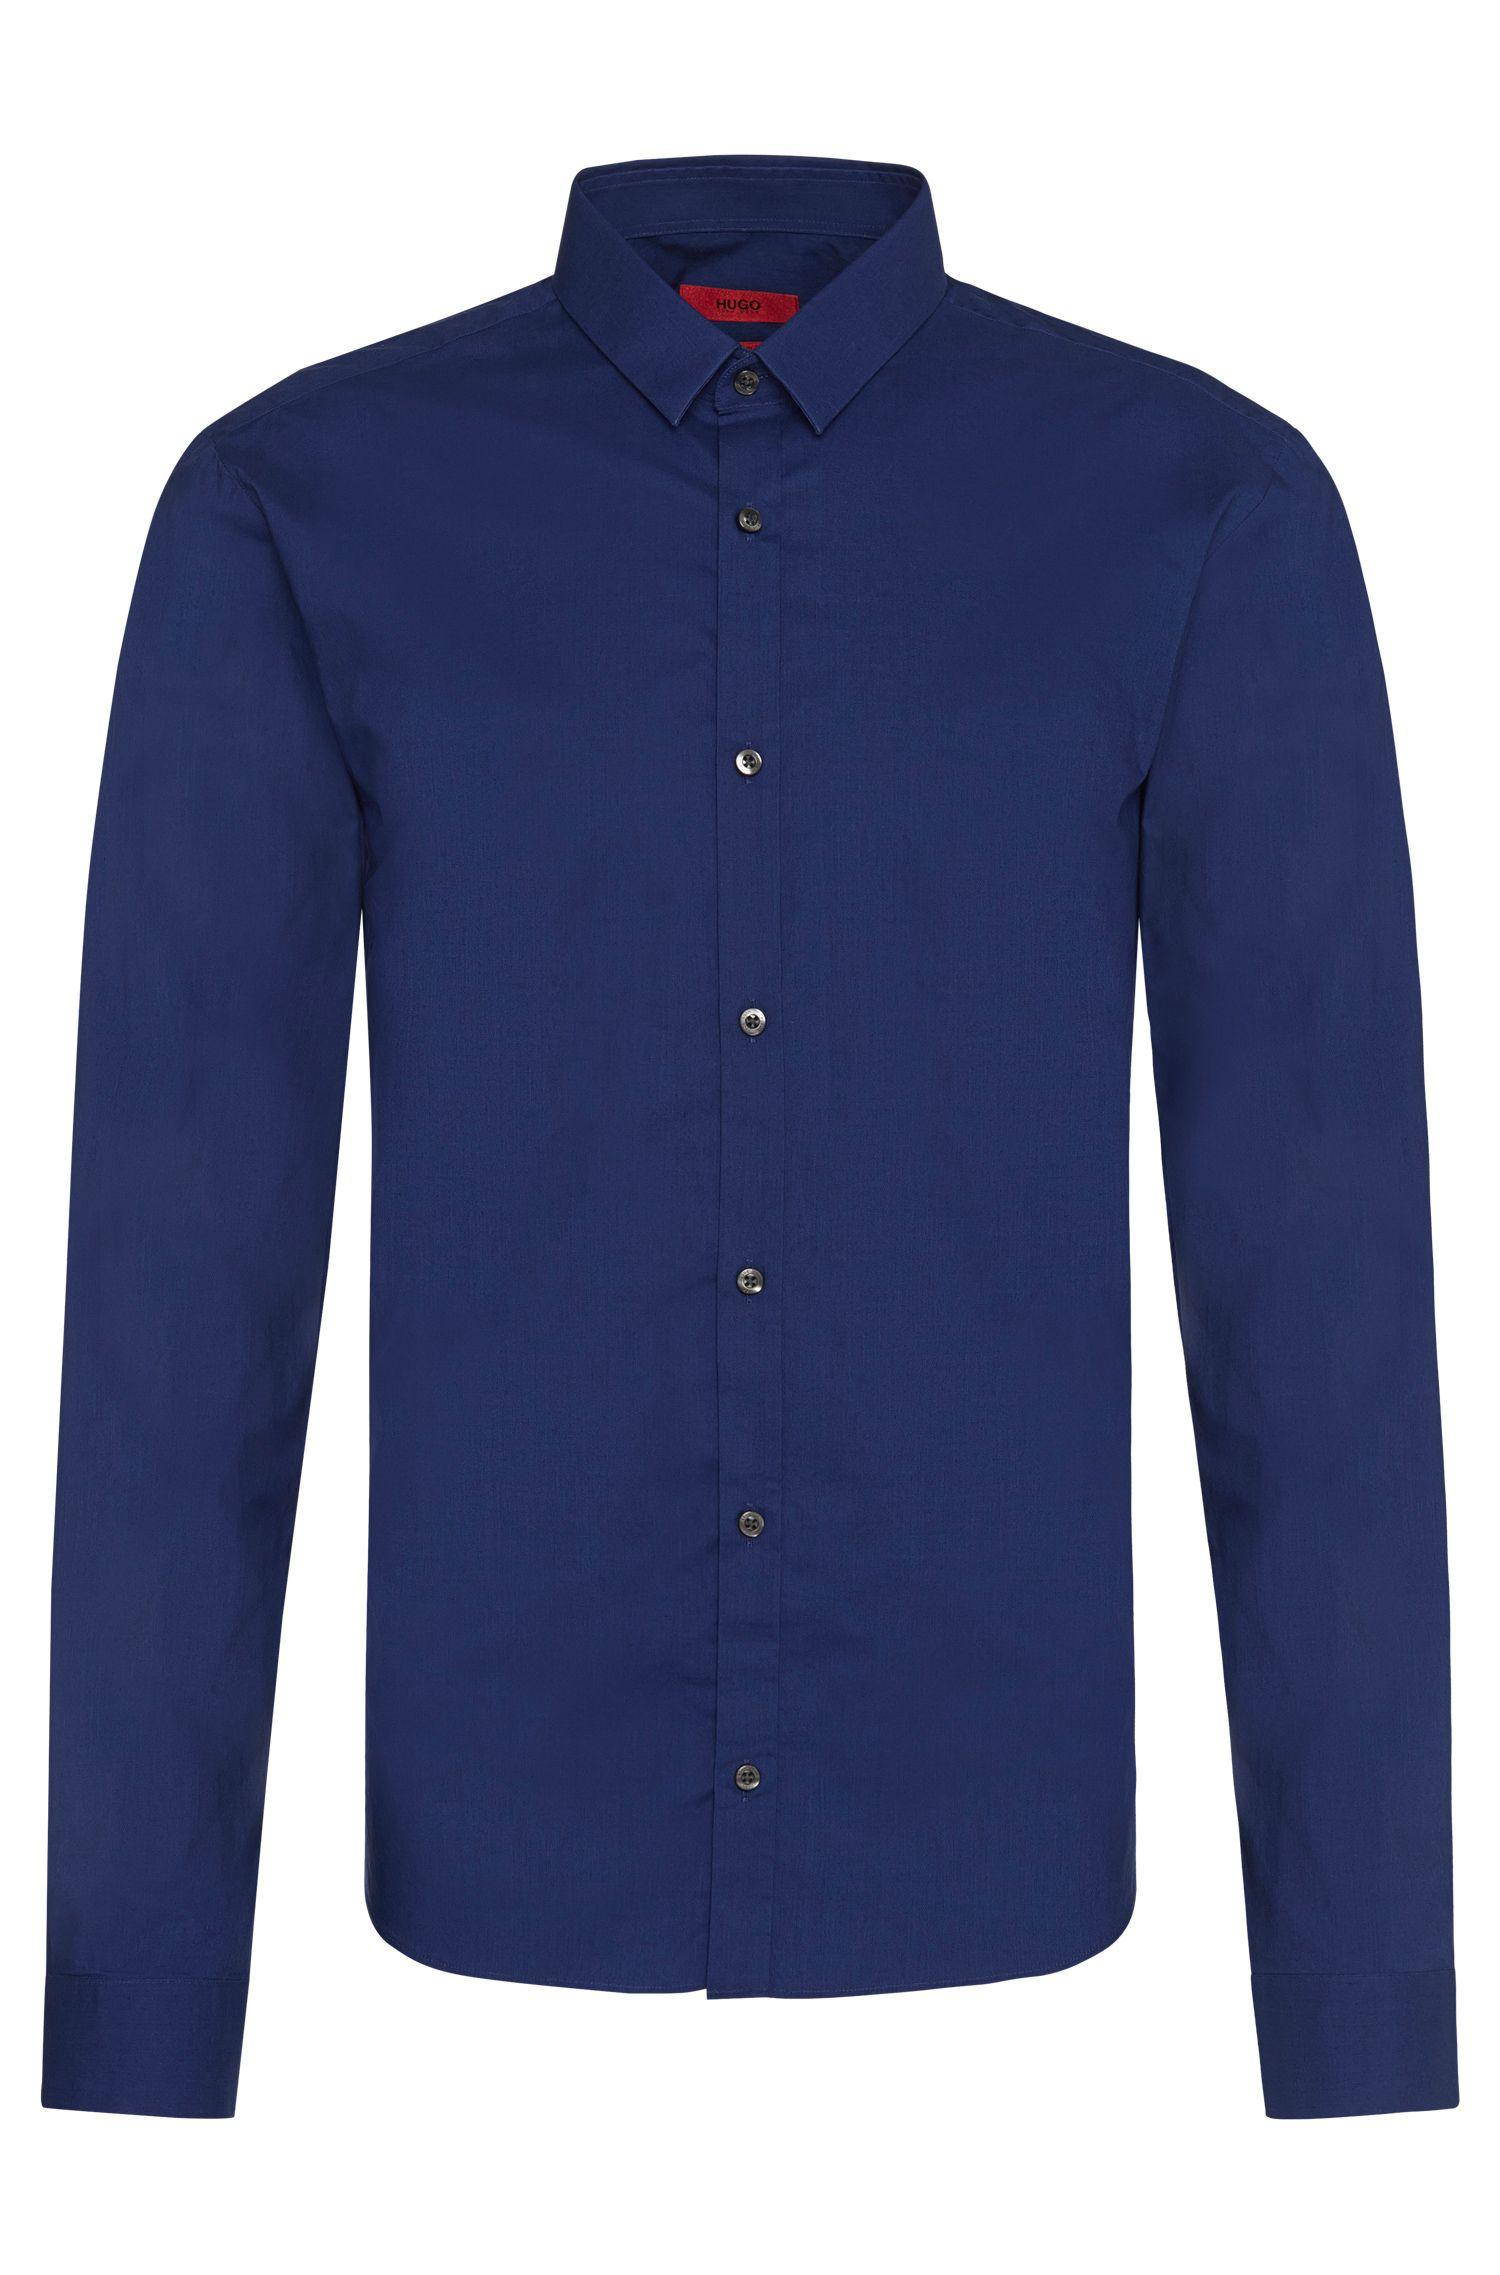 Extra Slim-Fit Hemd aus reiner Baumwolle: 'Ero3'